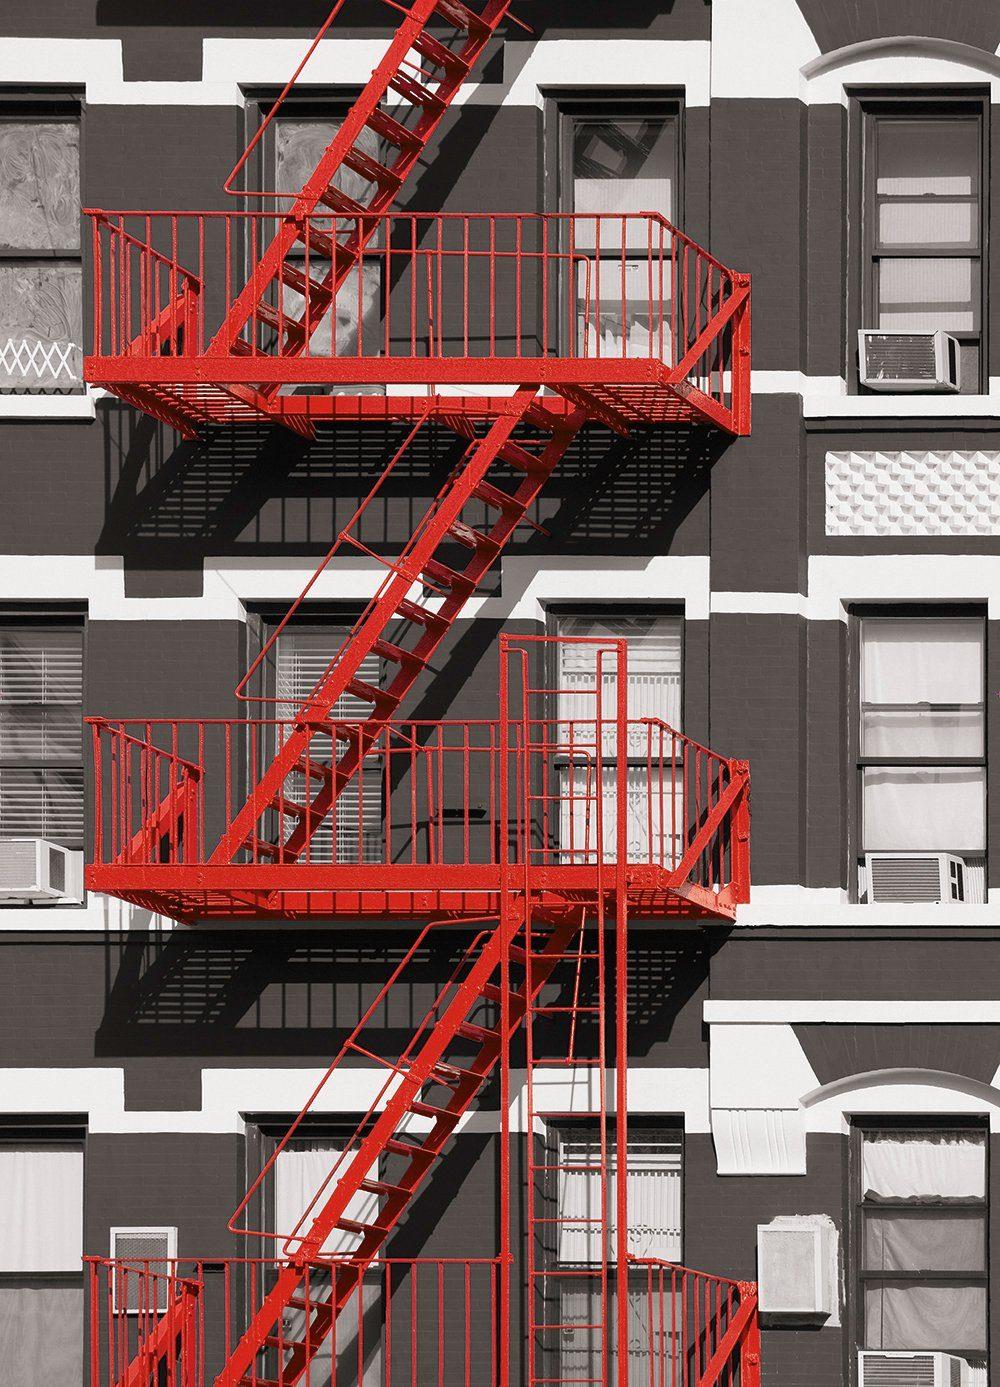 Fototapete »Fire Escape«, 4-teilig, 183x254 cm